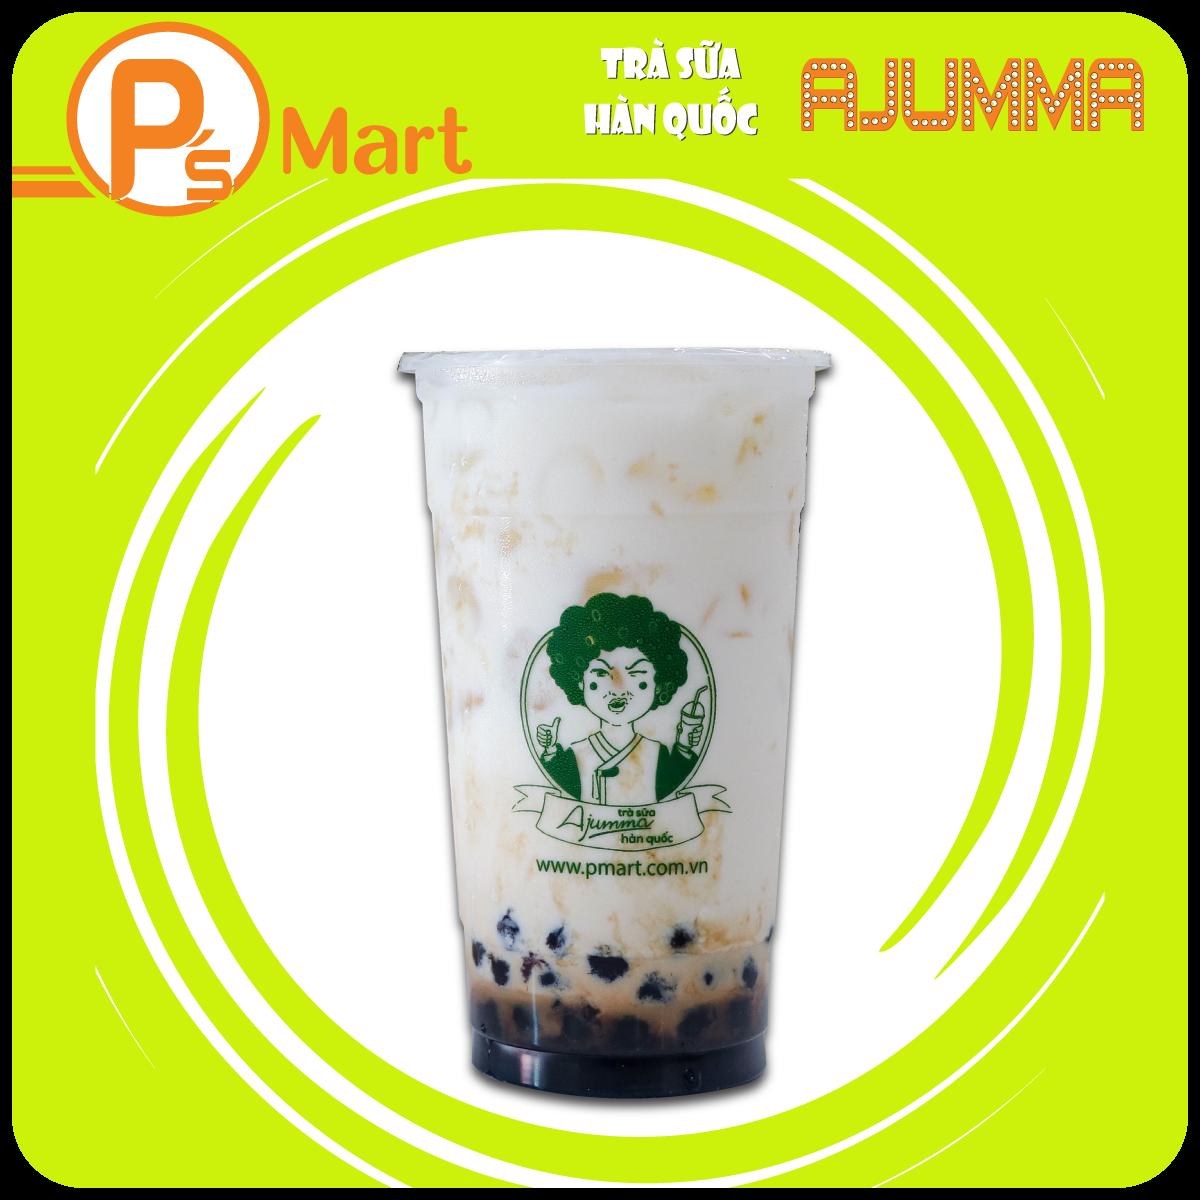 Trà sữa Ajumma – Sữa tươi trân châu đường đen